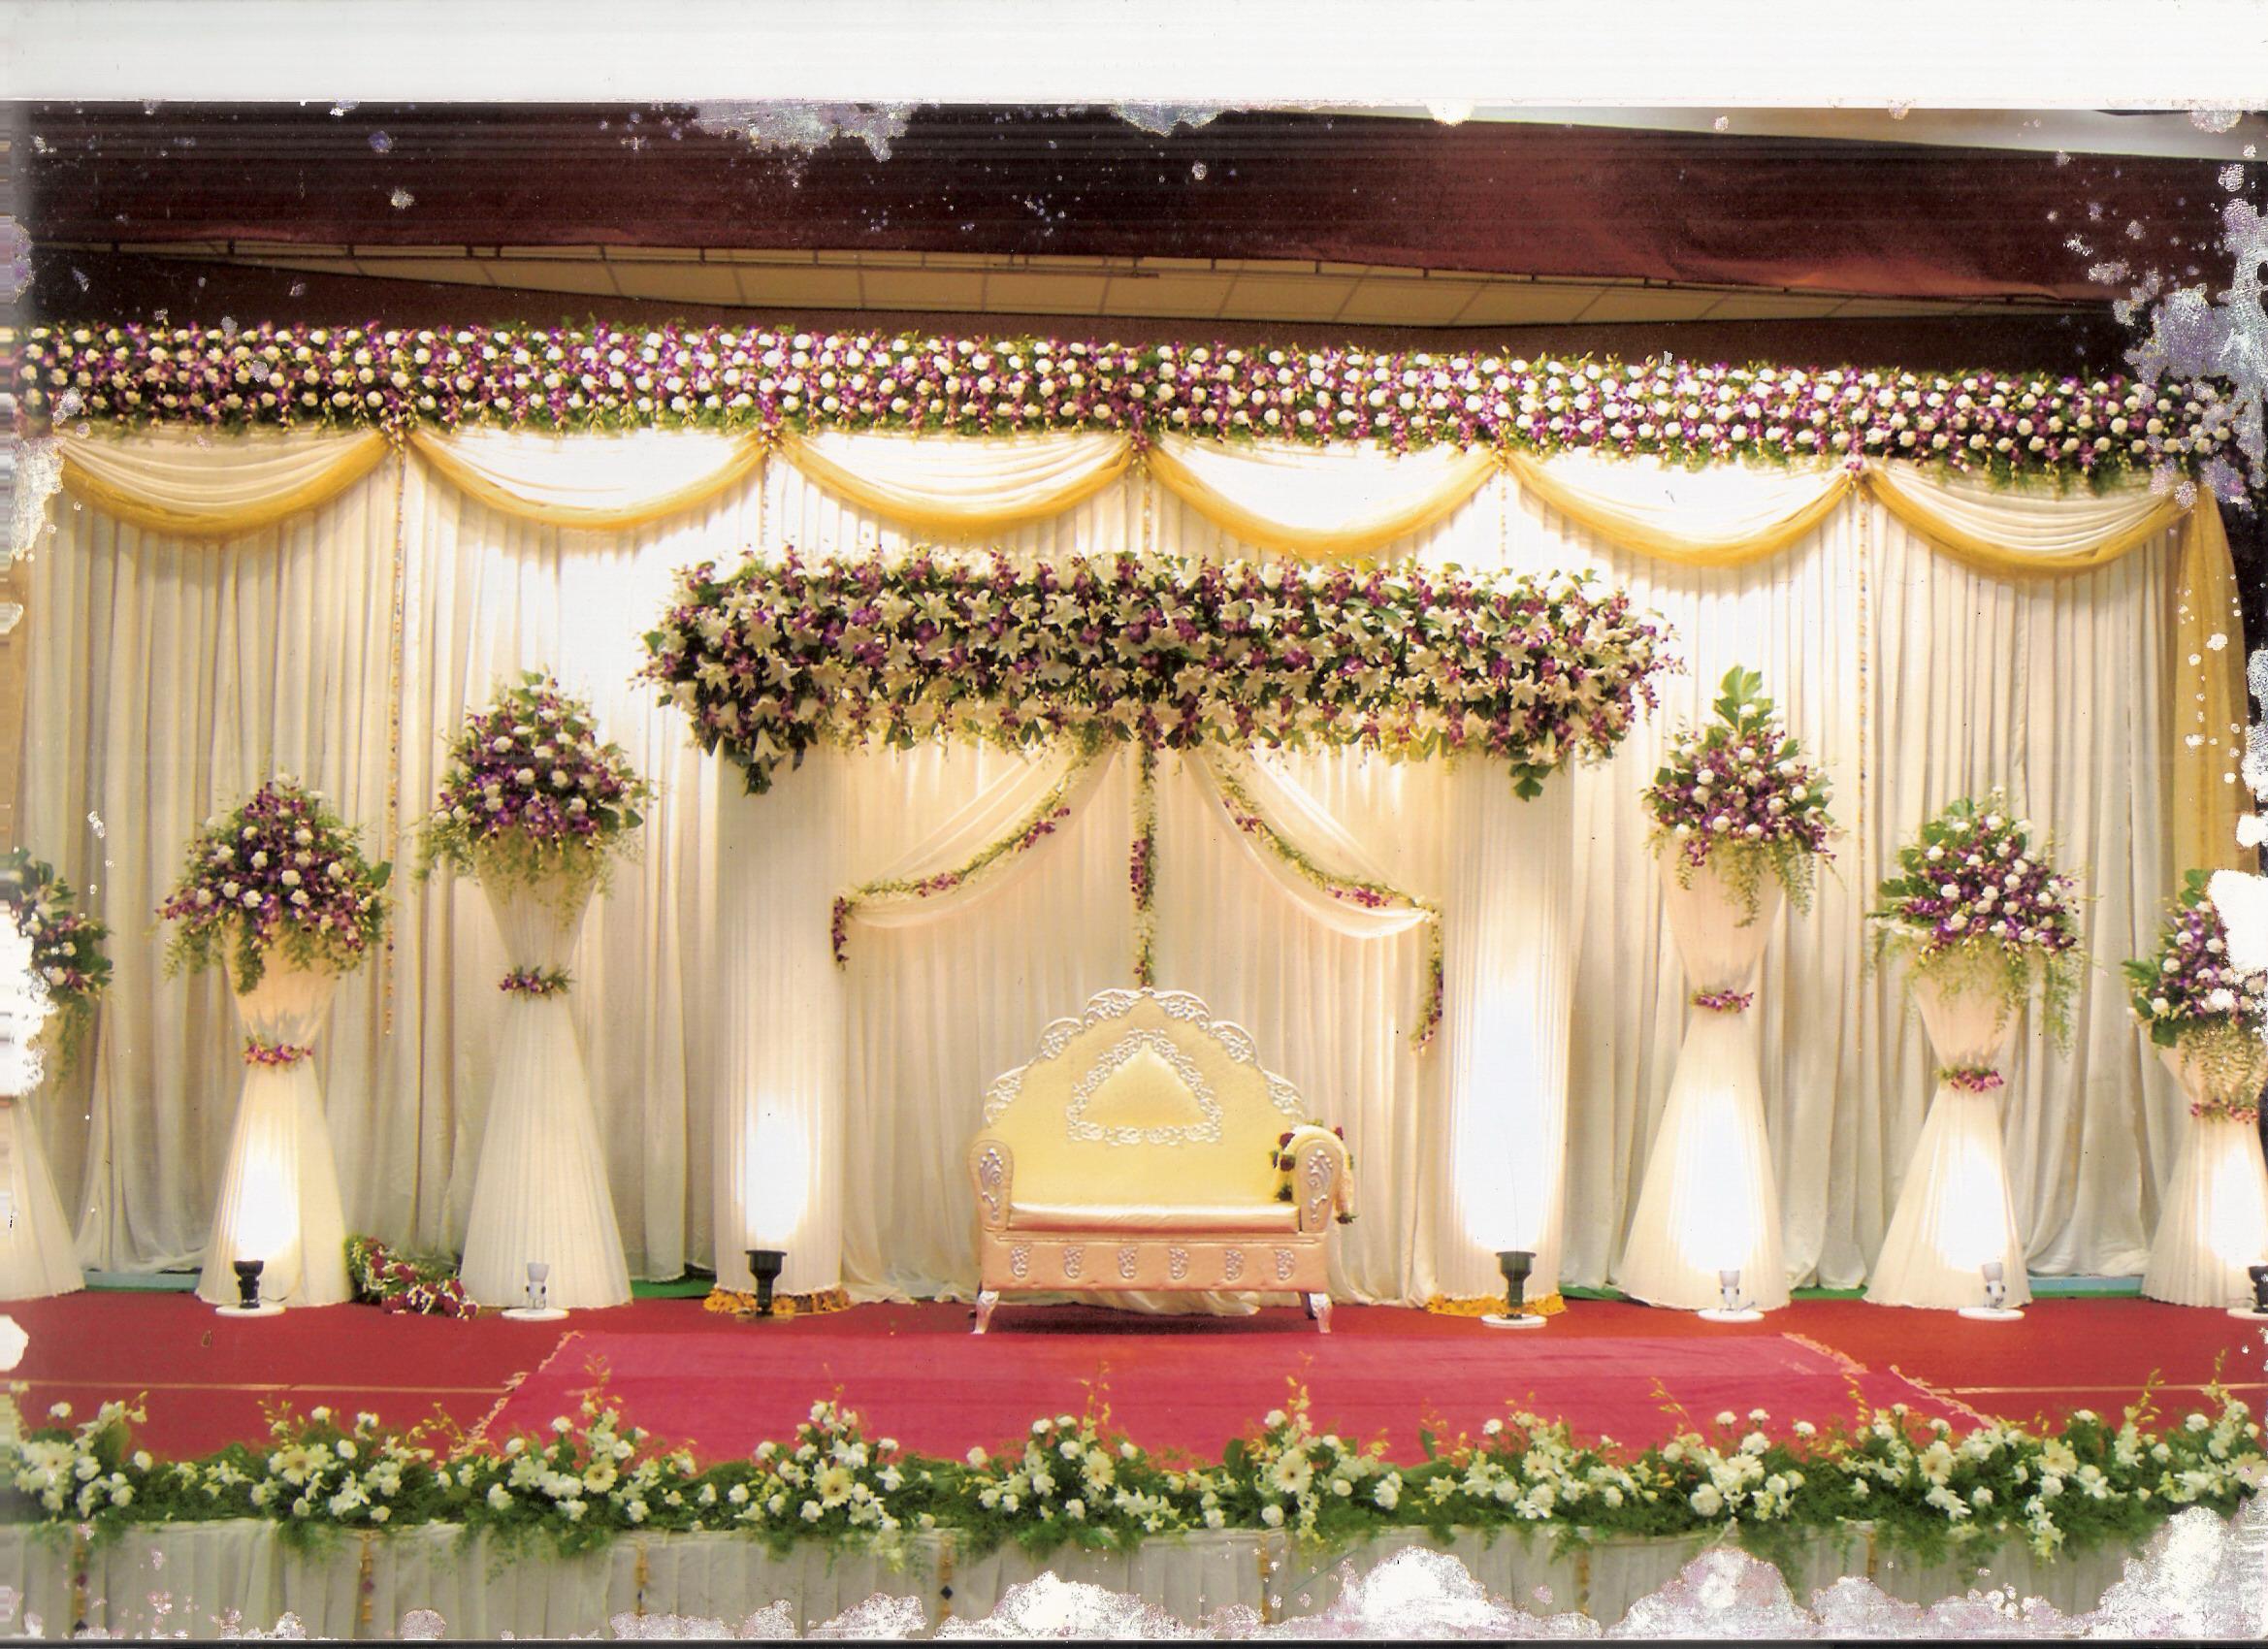 запечатана, вынуть фото шикарные сцены на свадьбу всем